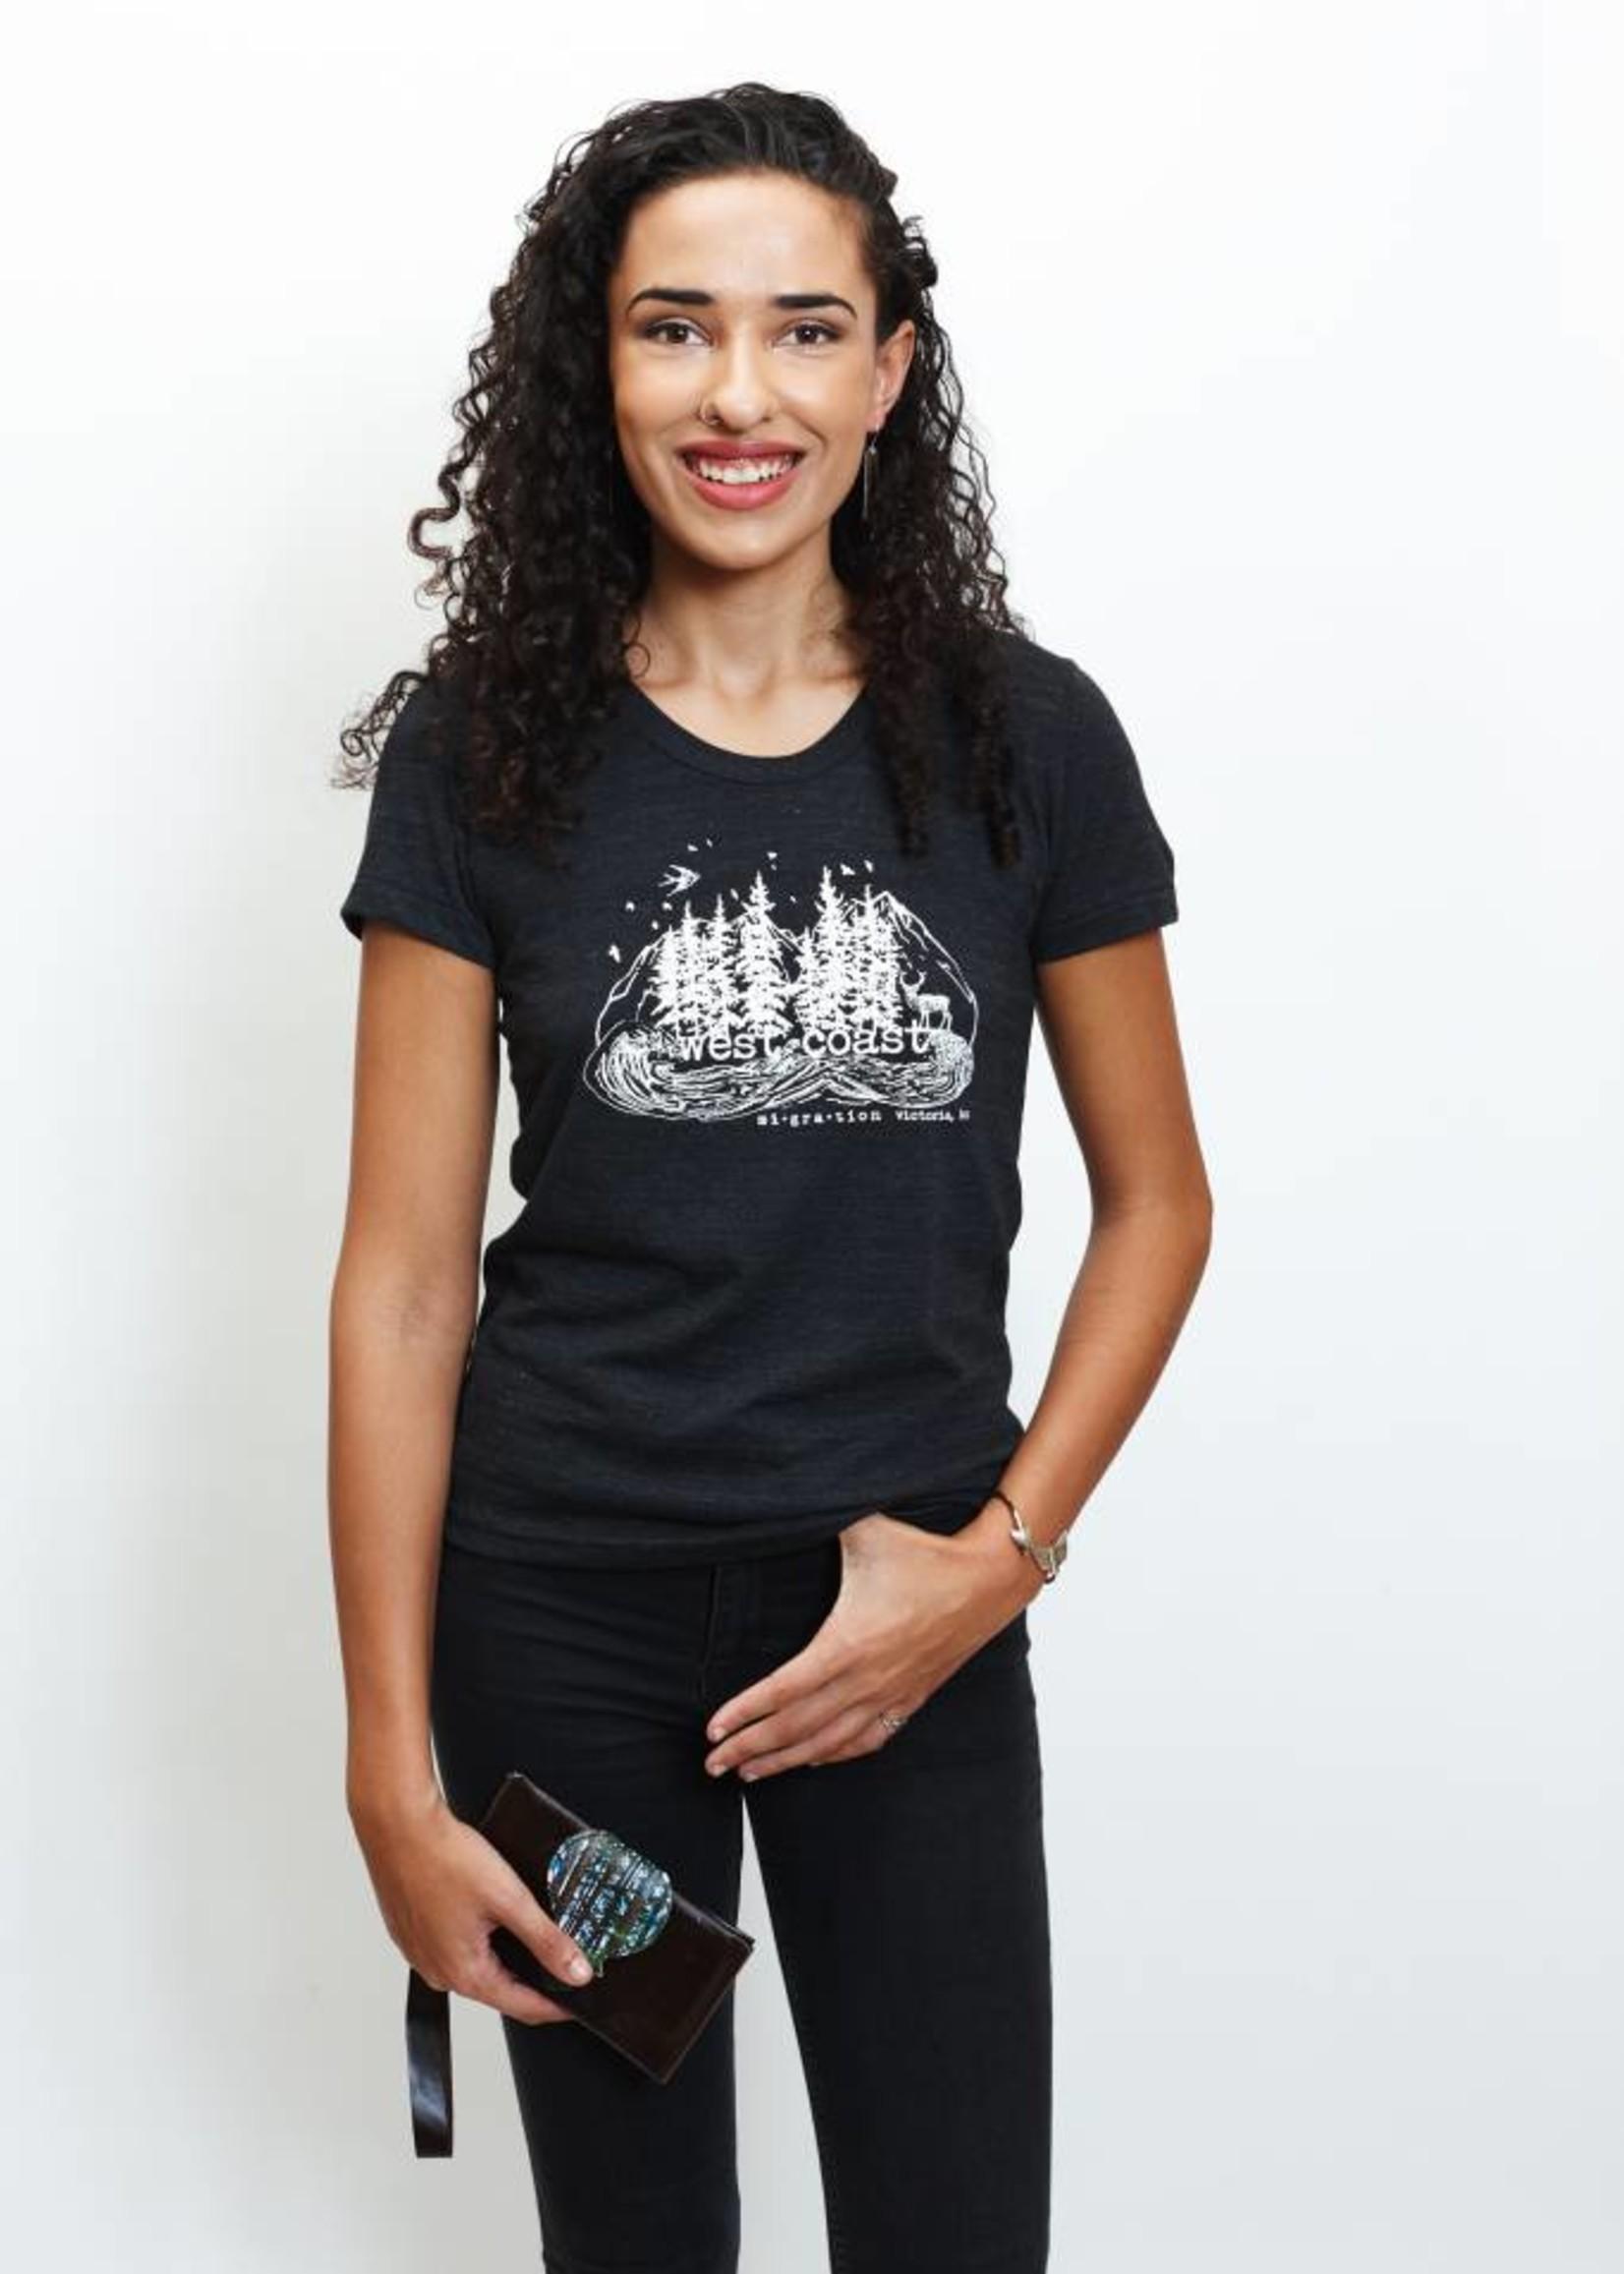 Migration - West Coast Charcoal T-Shirt Woman (Black)